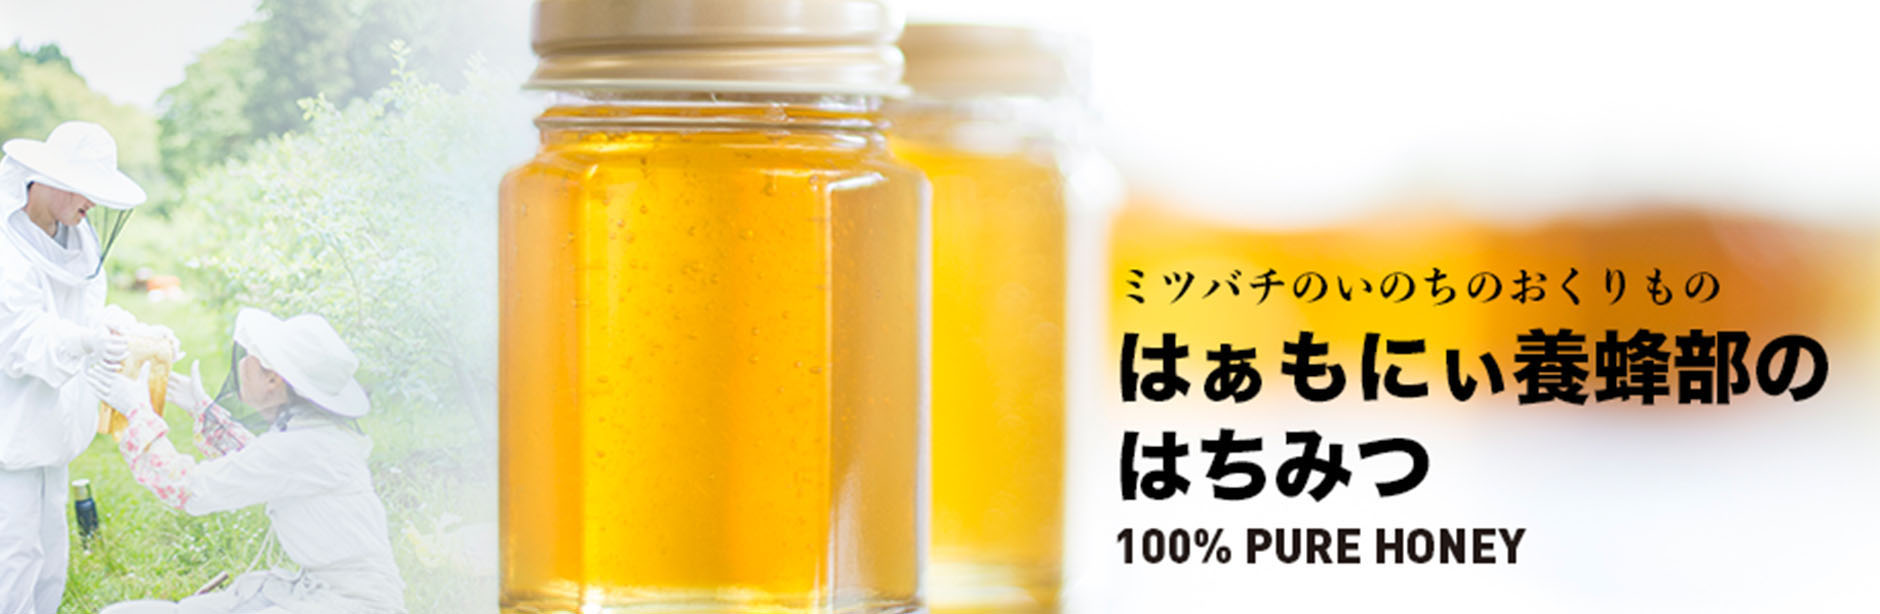 ミツバチのいのちのおくりもの はぁもにぃ養蜂部のはちみつ 100% PURE HONEY